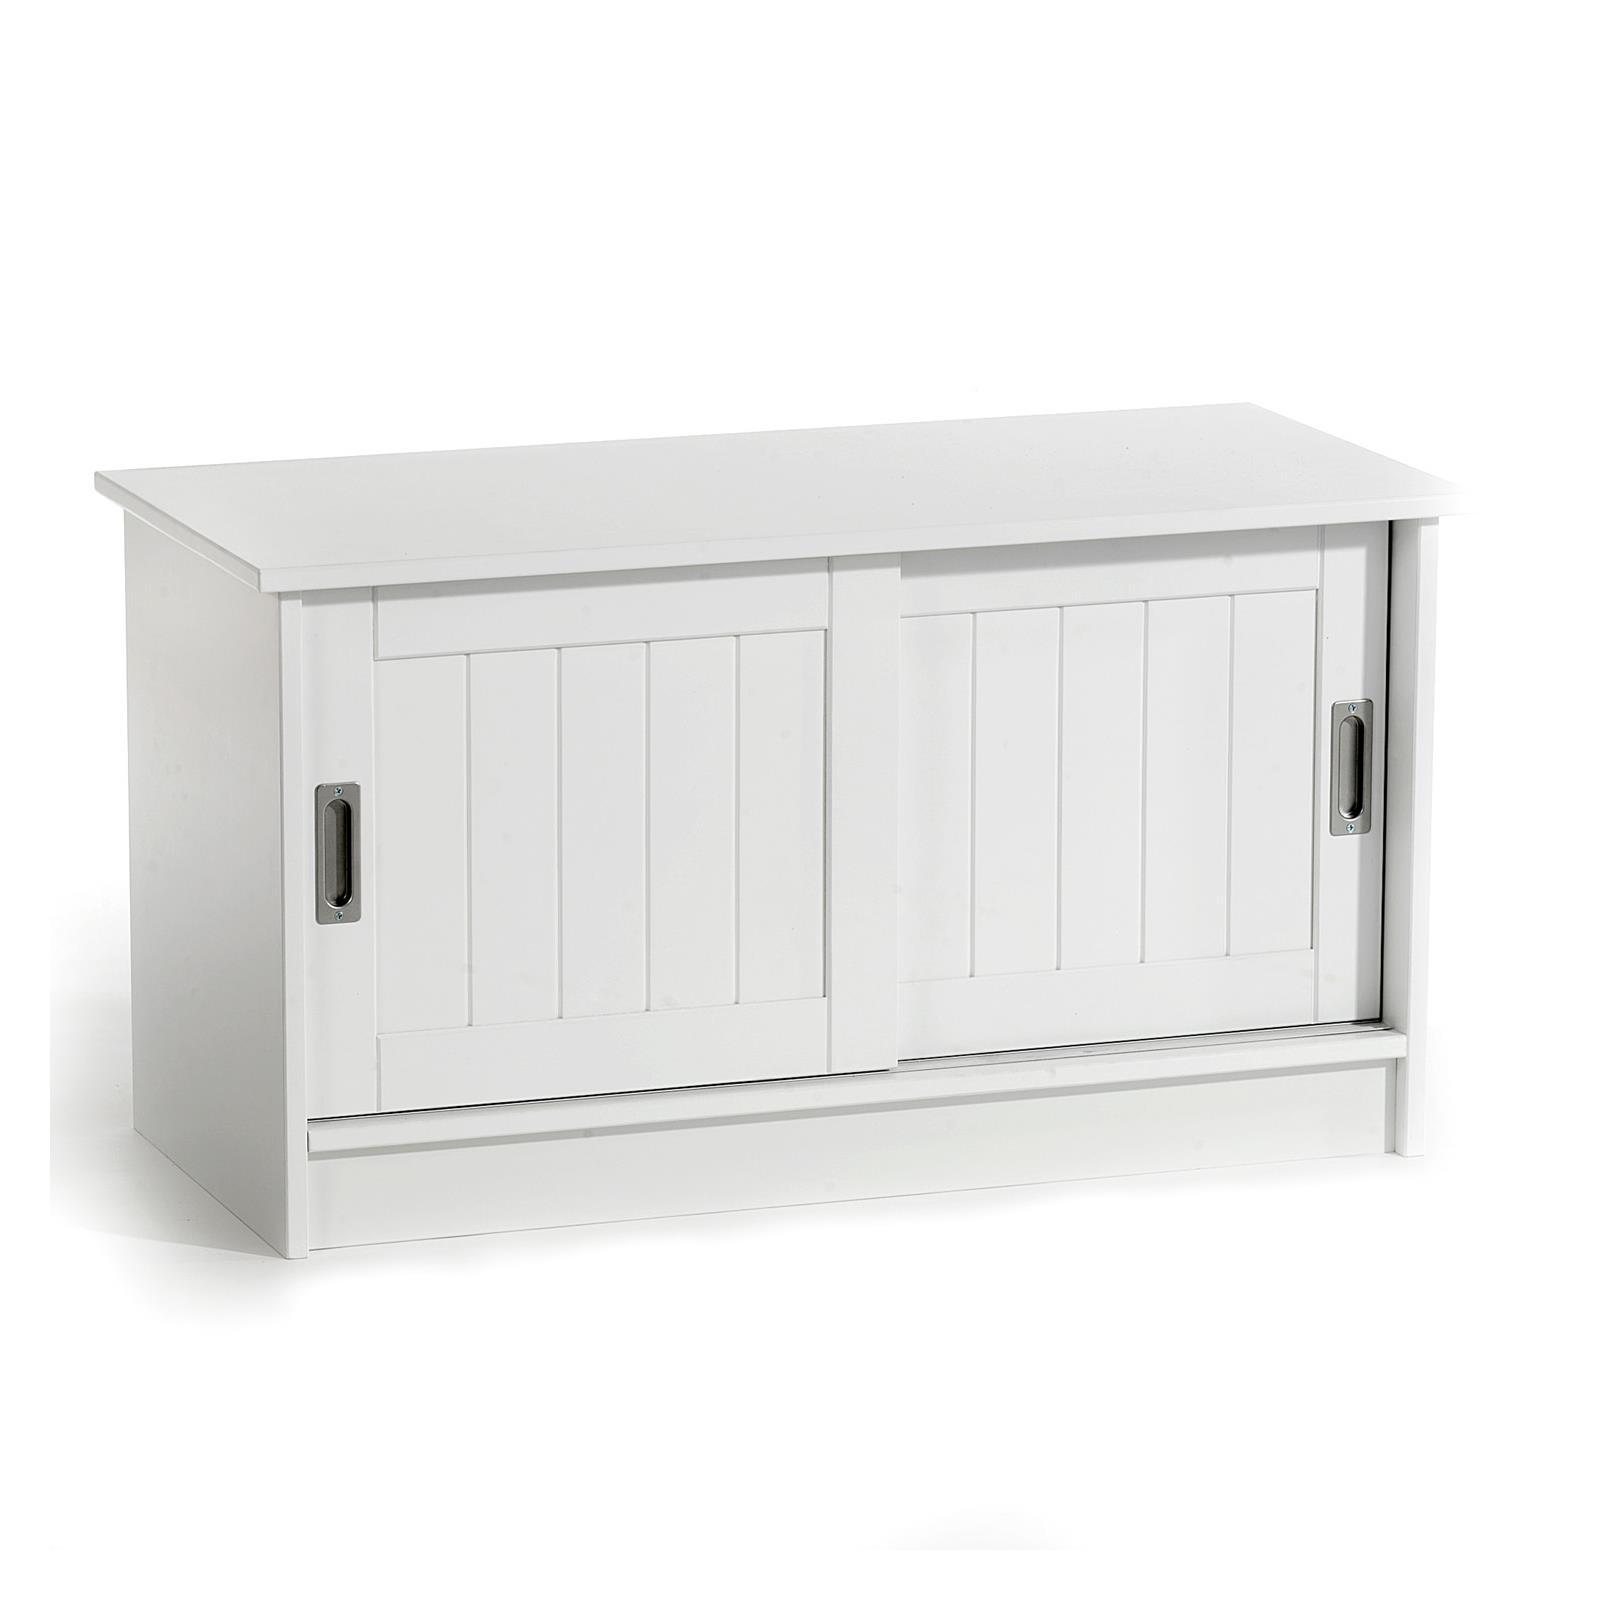 sitzbank hein in wei mit 2 schiebet ren mobilia24. Black Bedroom Furniture Sets. Home Design Ideas